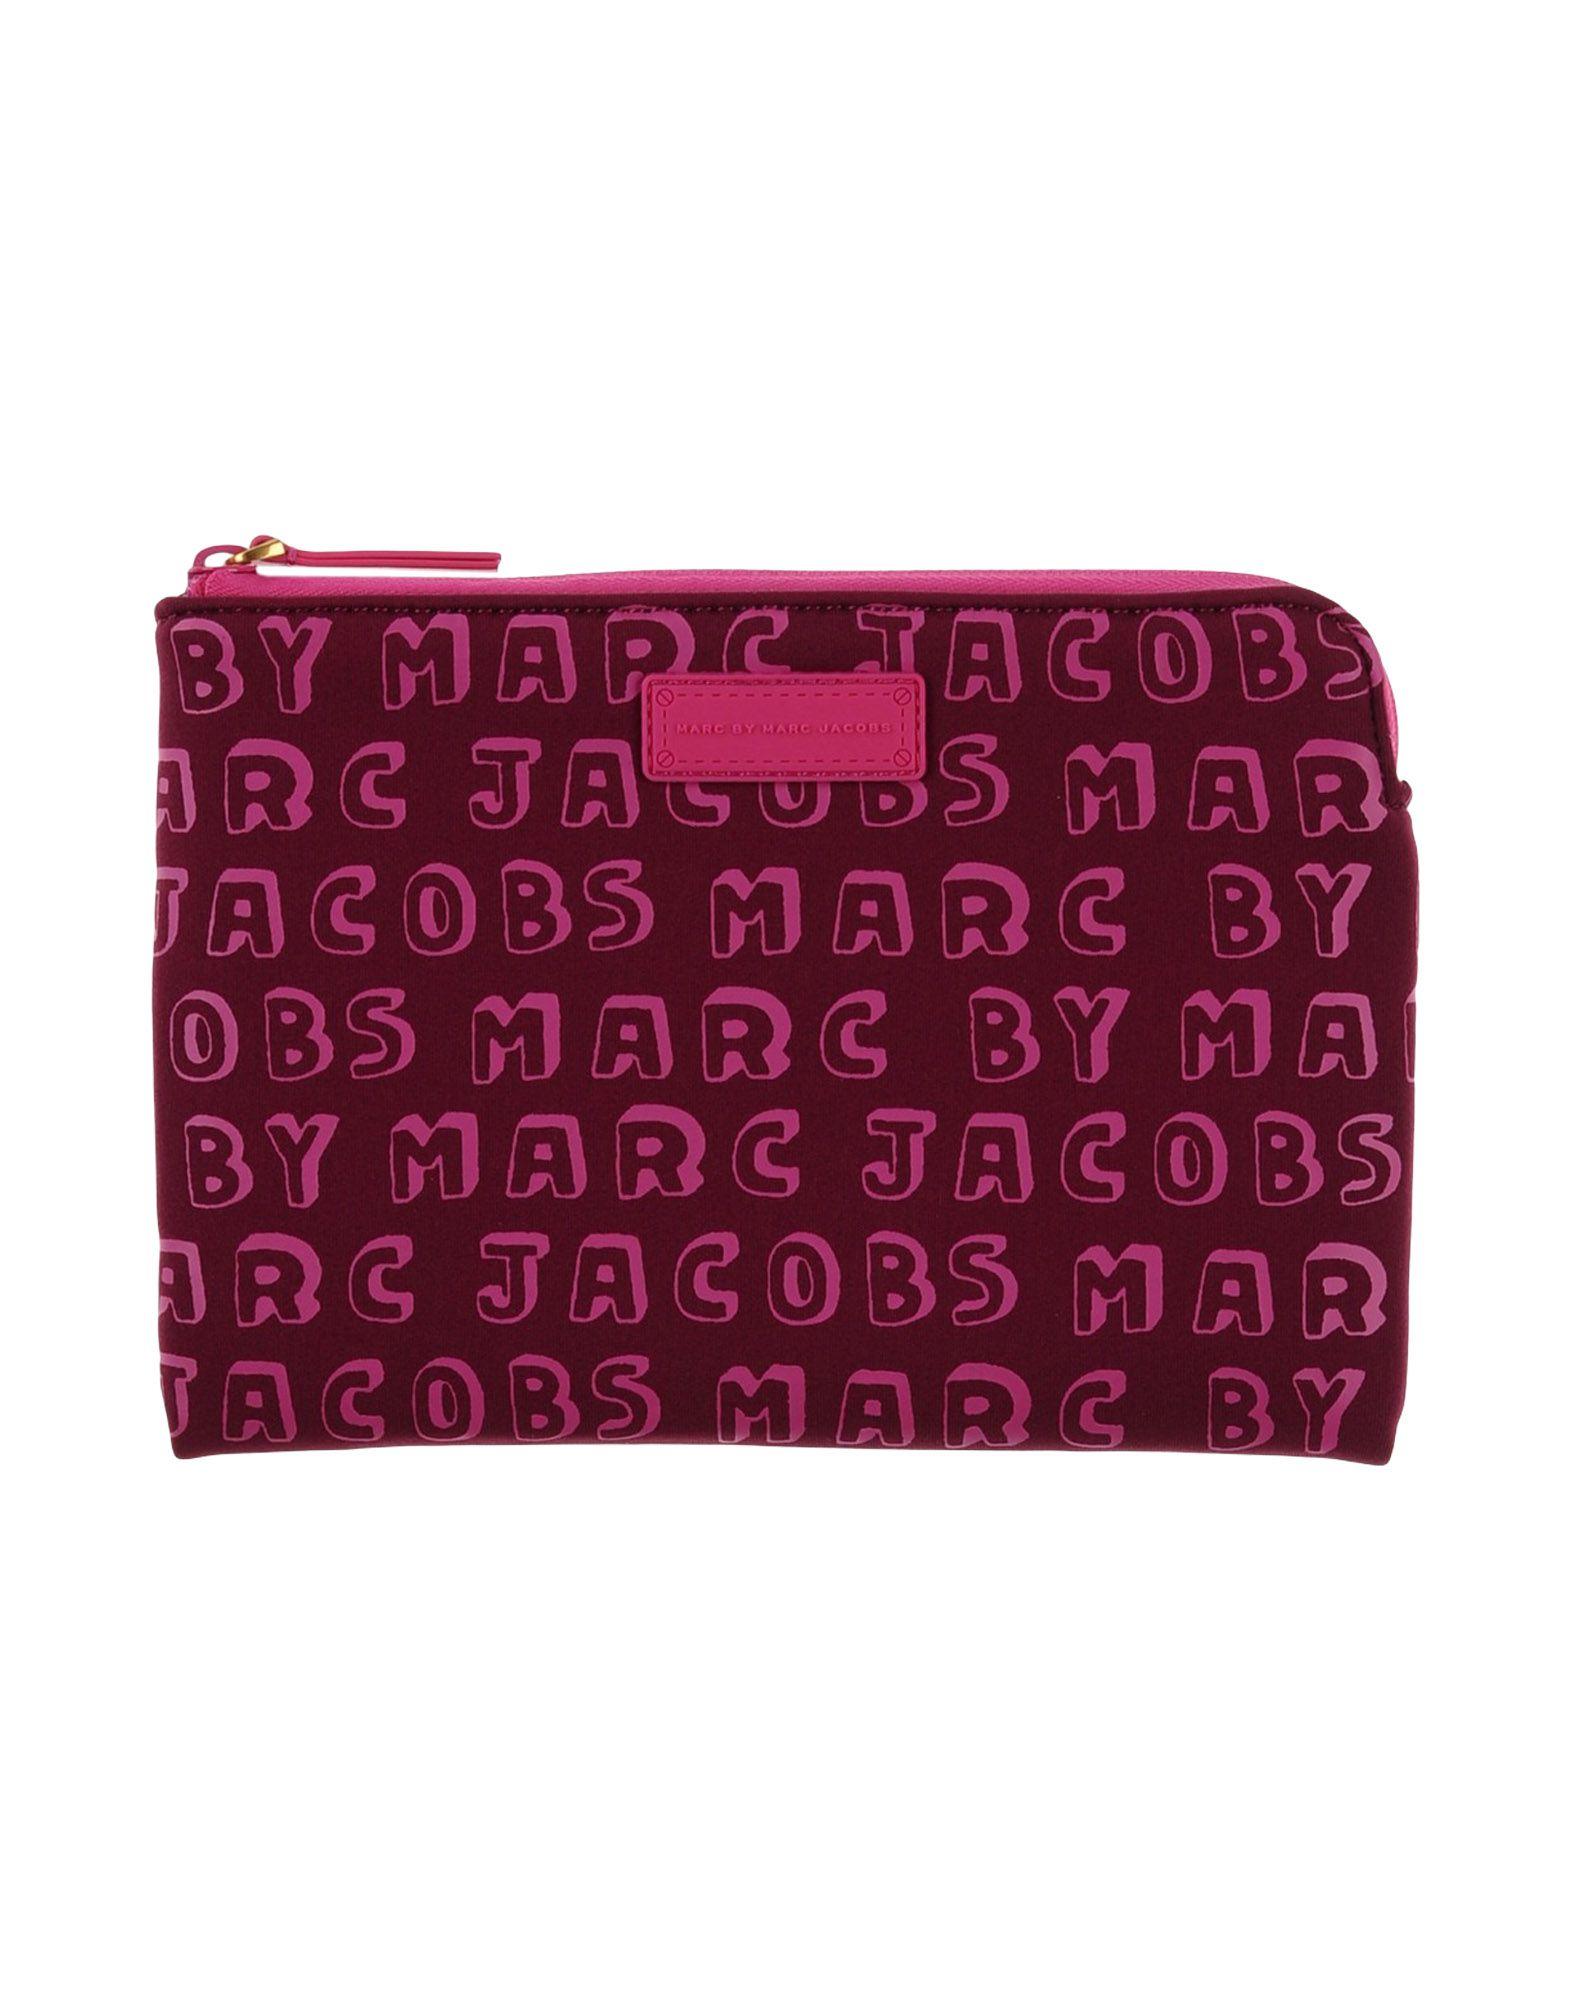 MARC BY JACOBS Damen Hightech Accessoire Farbe Purpur Größe 1 jetztbilligerkaufen